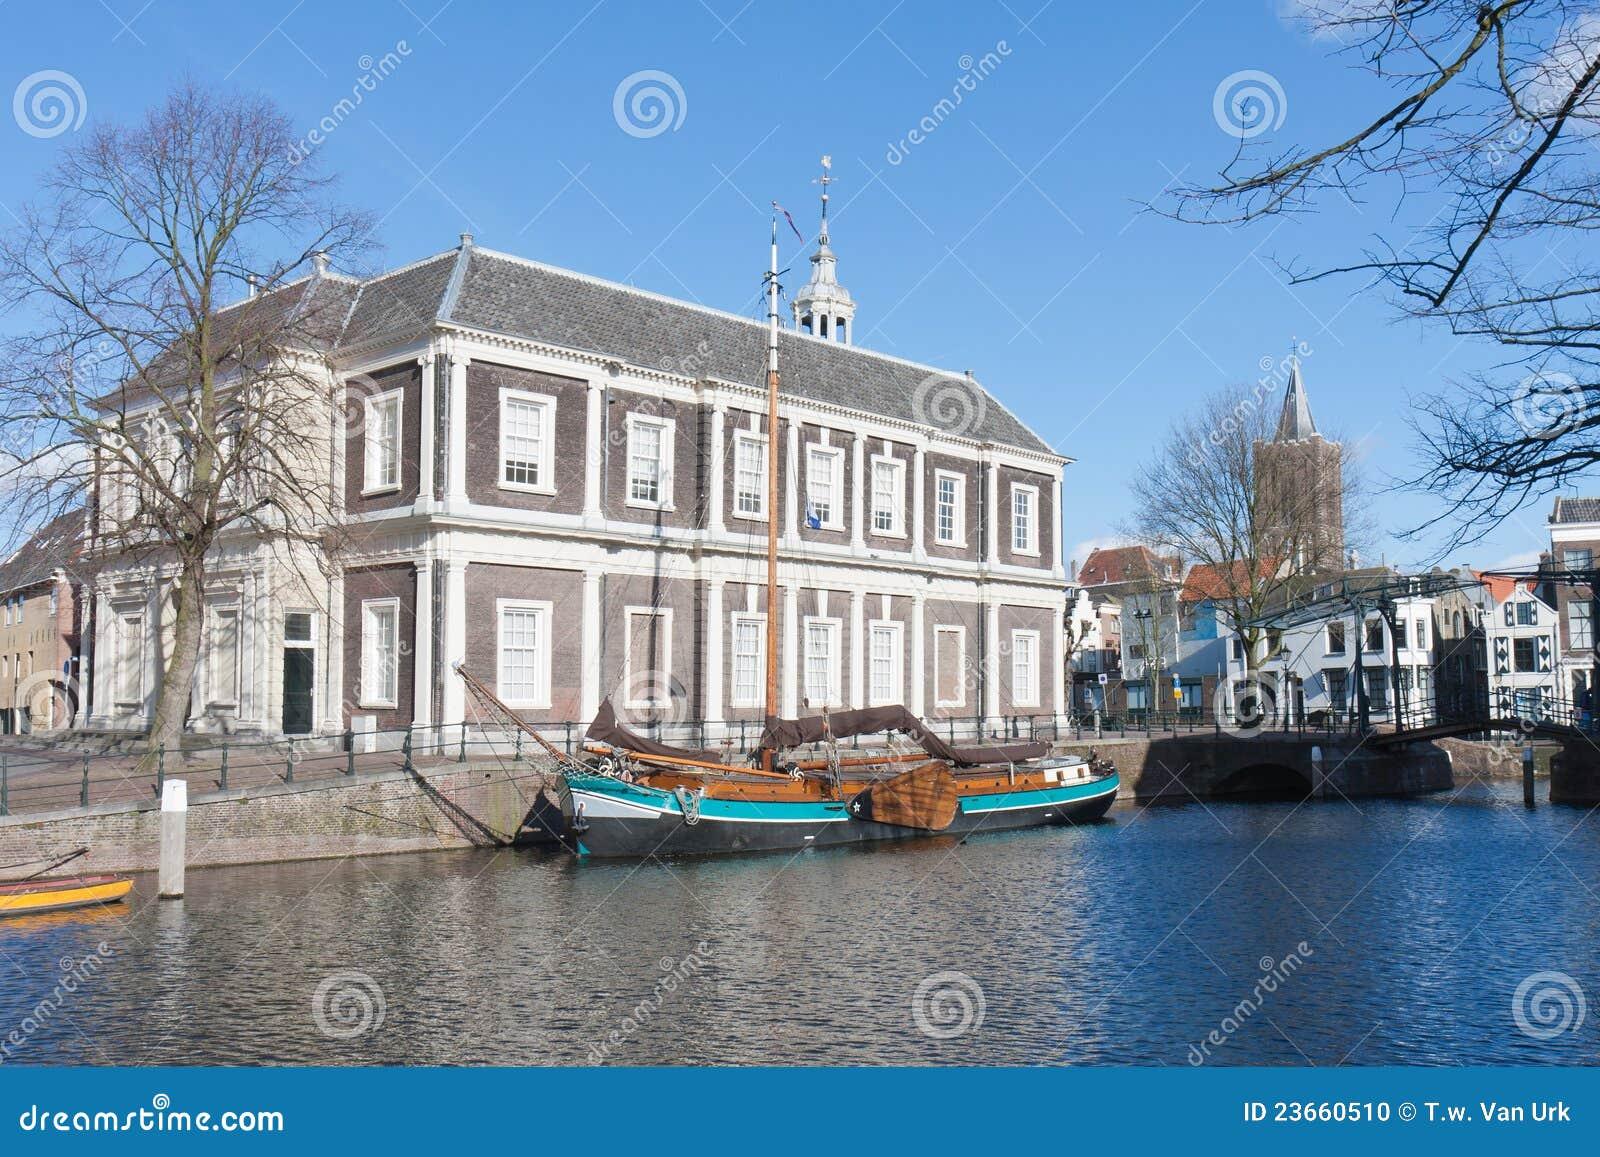 De madera tradicionales barge adentro el puerto holandés viejo